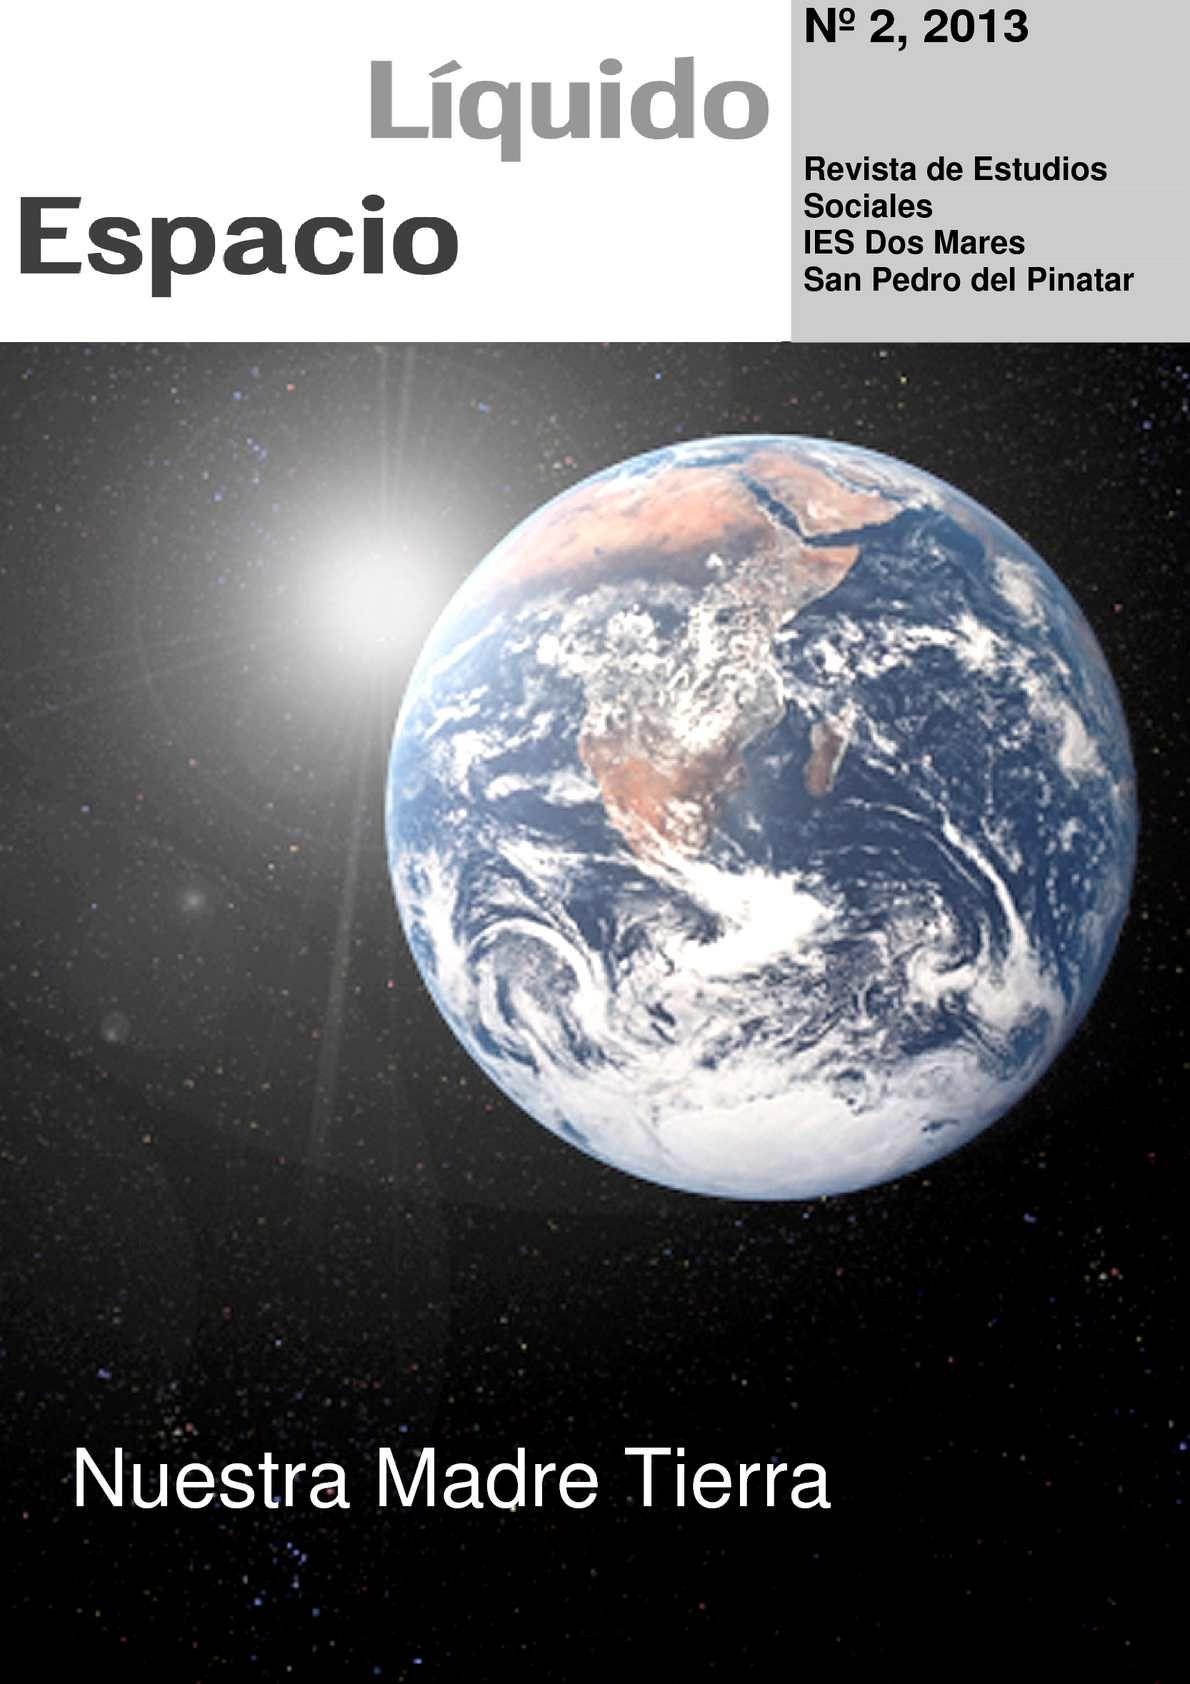 Segundo número de la revista elaborada por alumnos de Geografía de 3º de ESO del IES Dos Mares de San Pedro del Pinatar (Murcia), dedicada monográficamente al medio ambiente y su conservación.